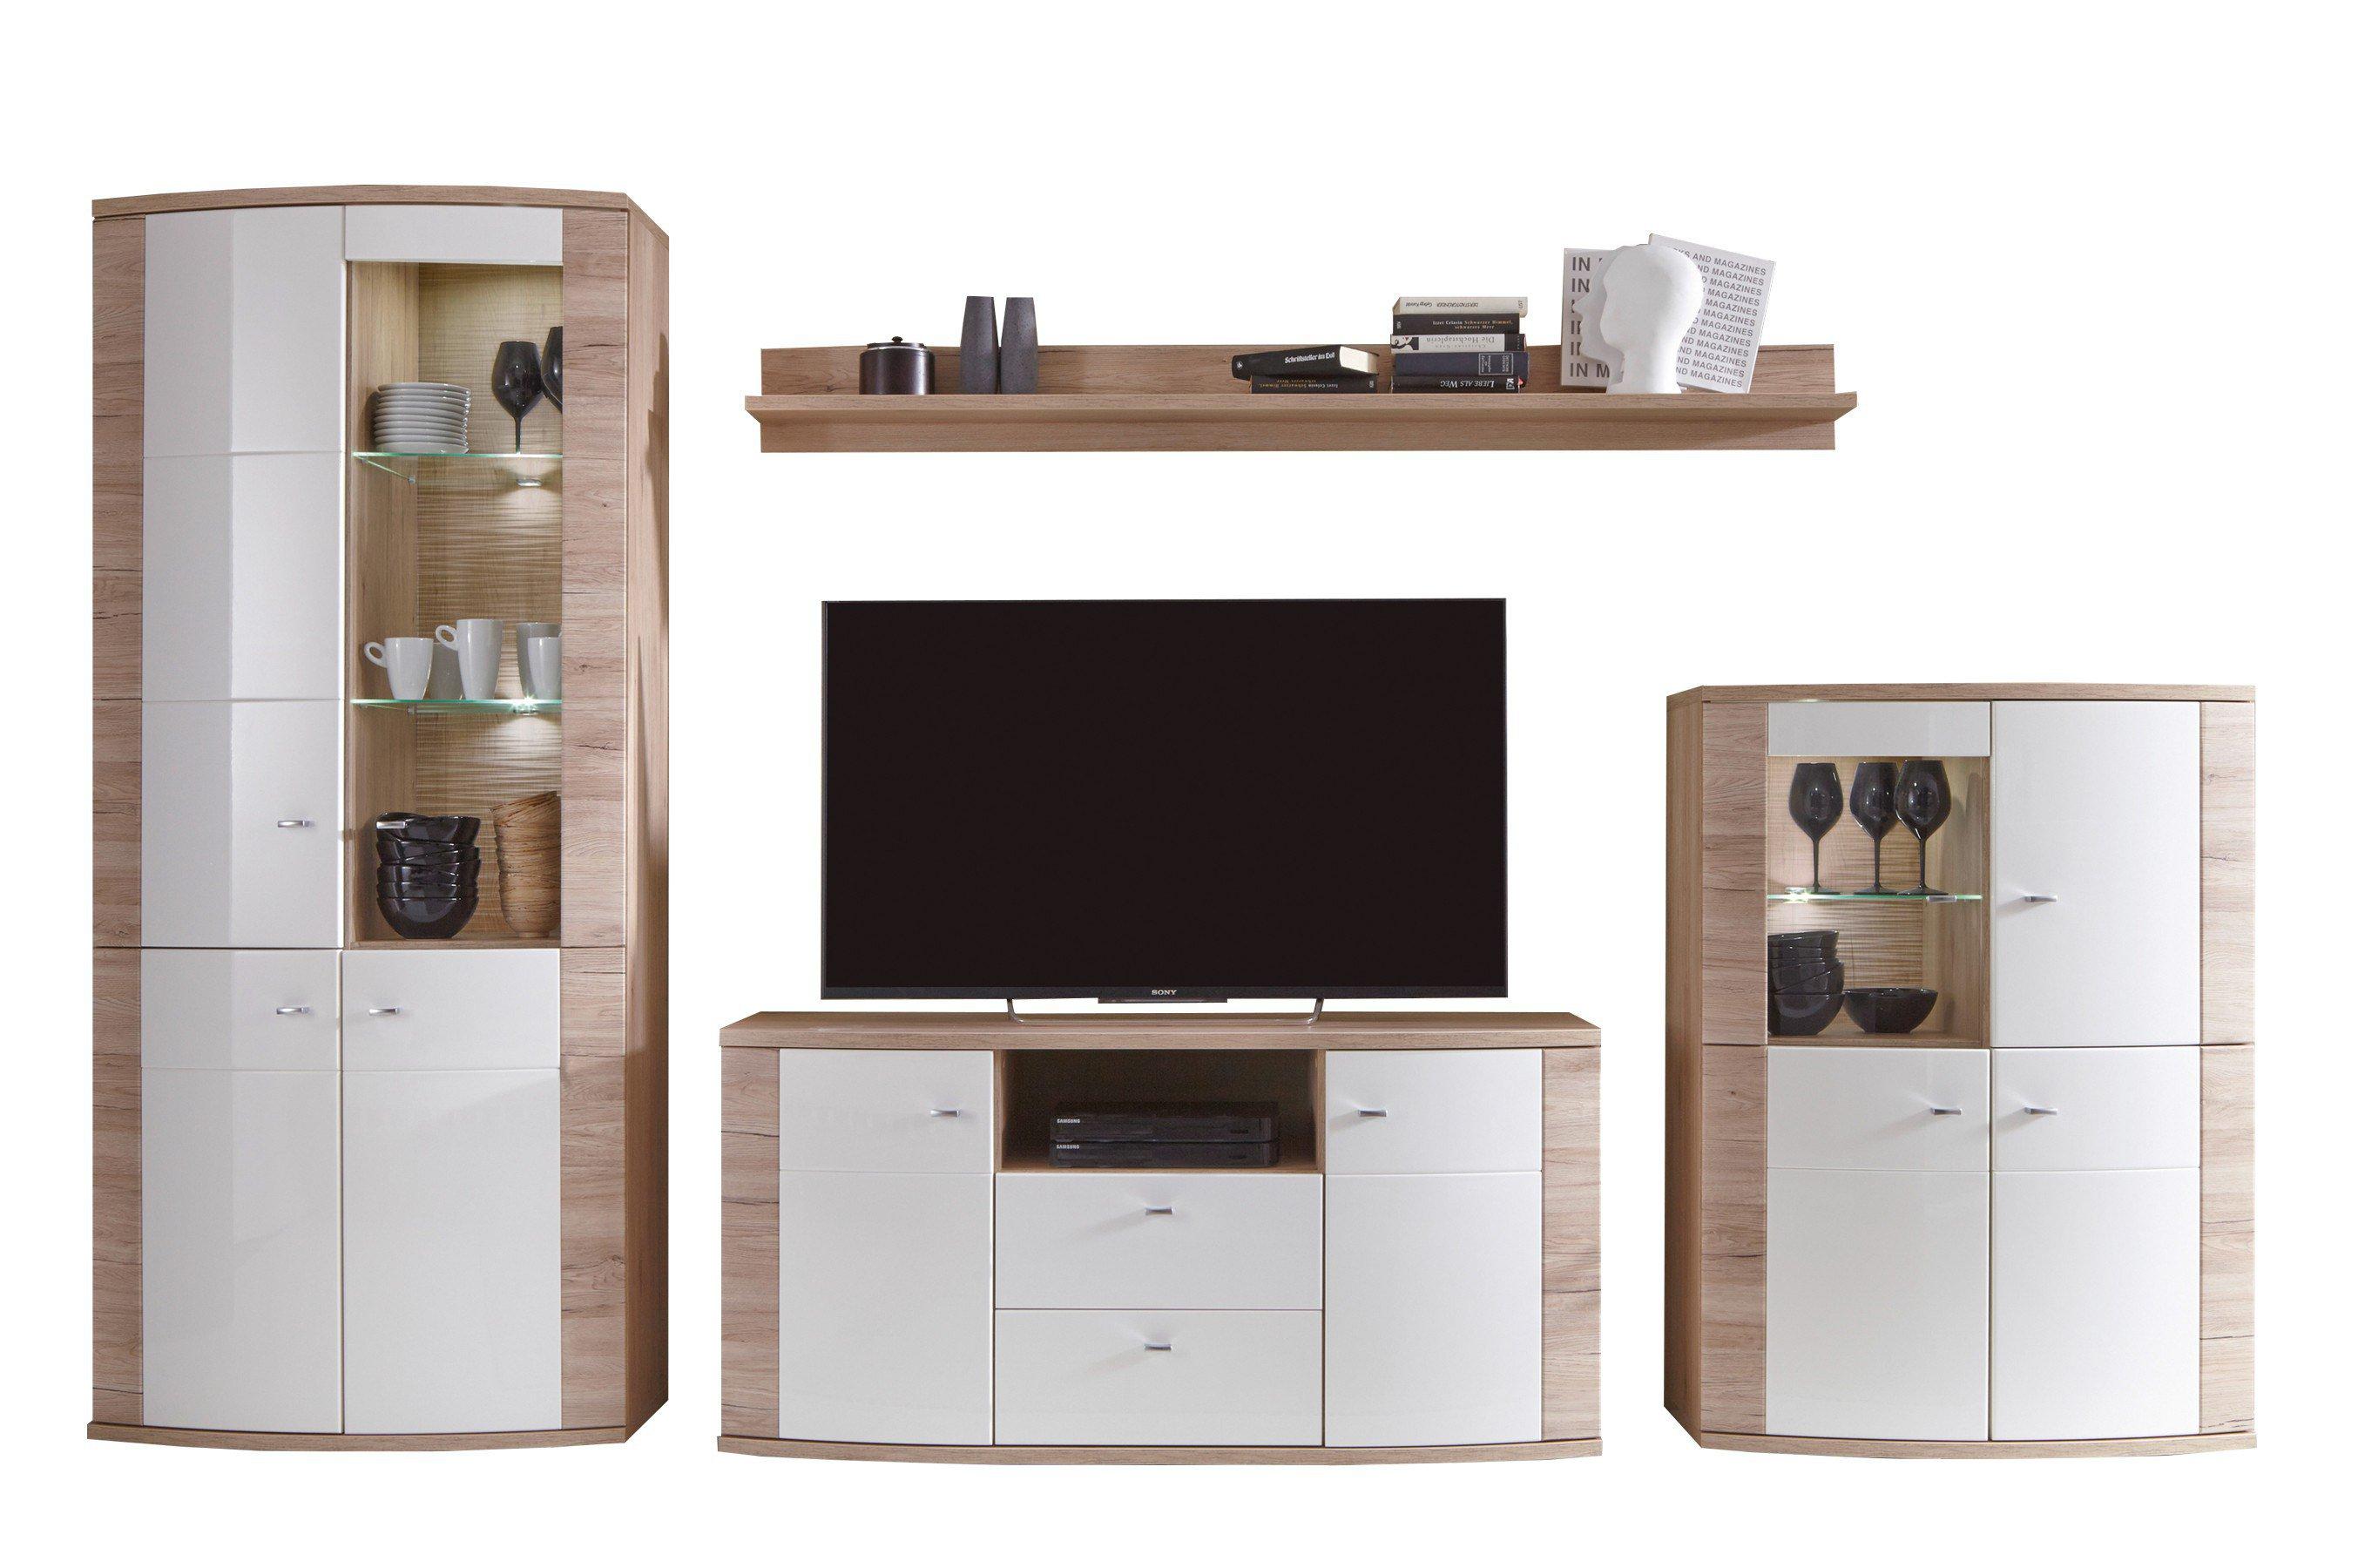 wohnzimmer planen online kostenlos stunning wohnzimmer. Black Bedroom Furniture Sets. Home Design Ideas